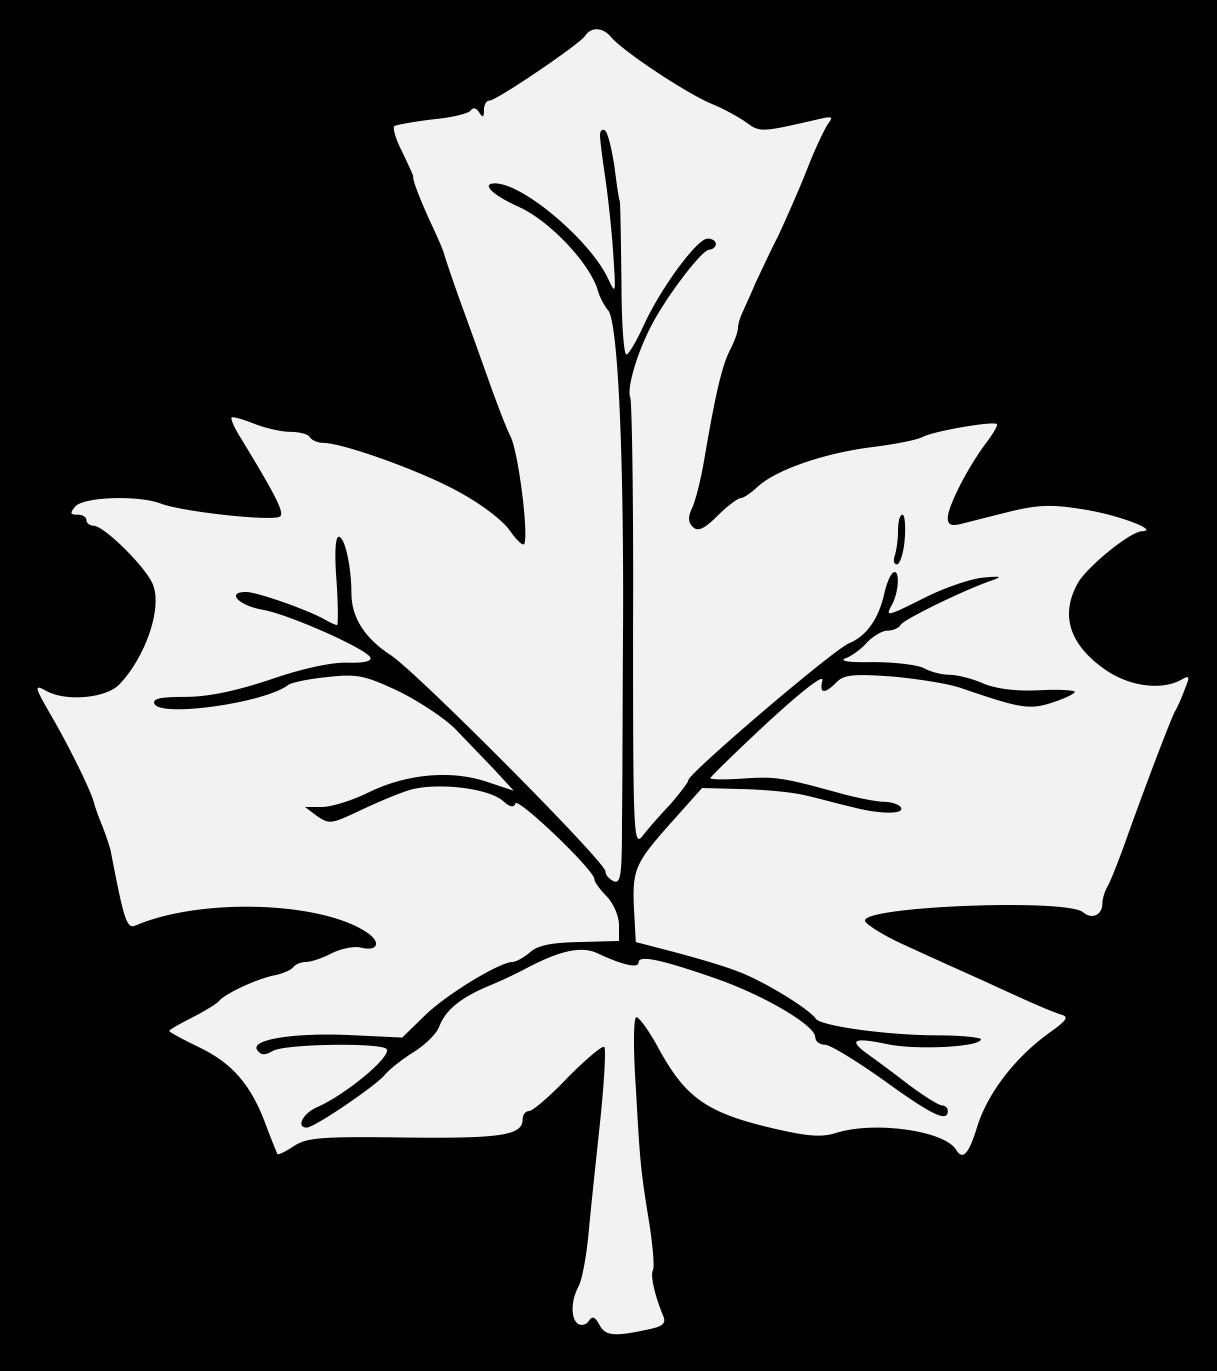 1217x1371 Maple Leaf